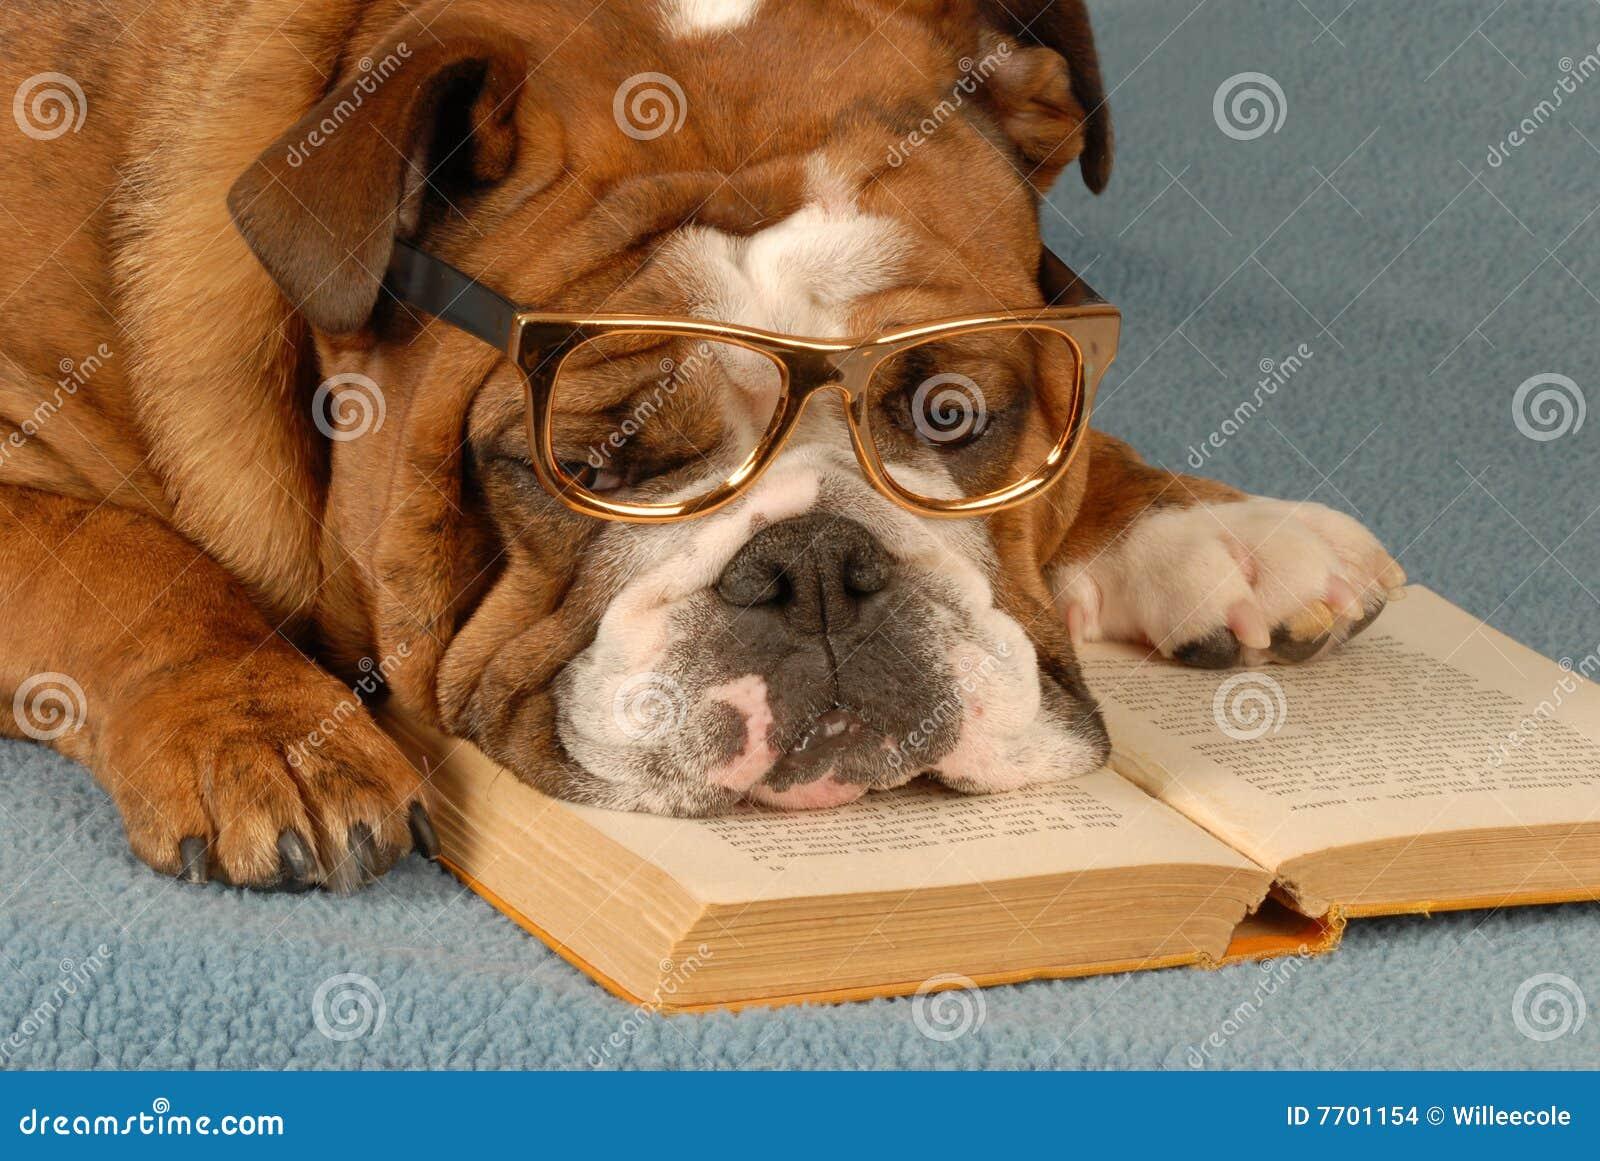 σχολείο υπακοής σκυλ&iot